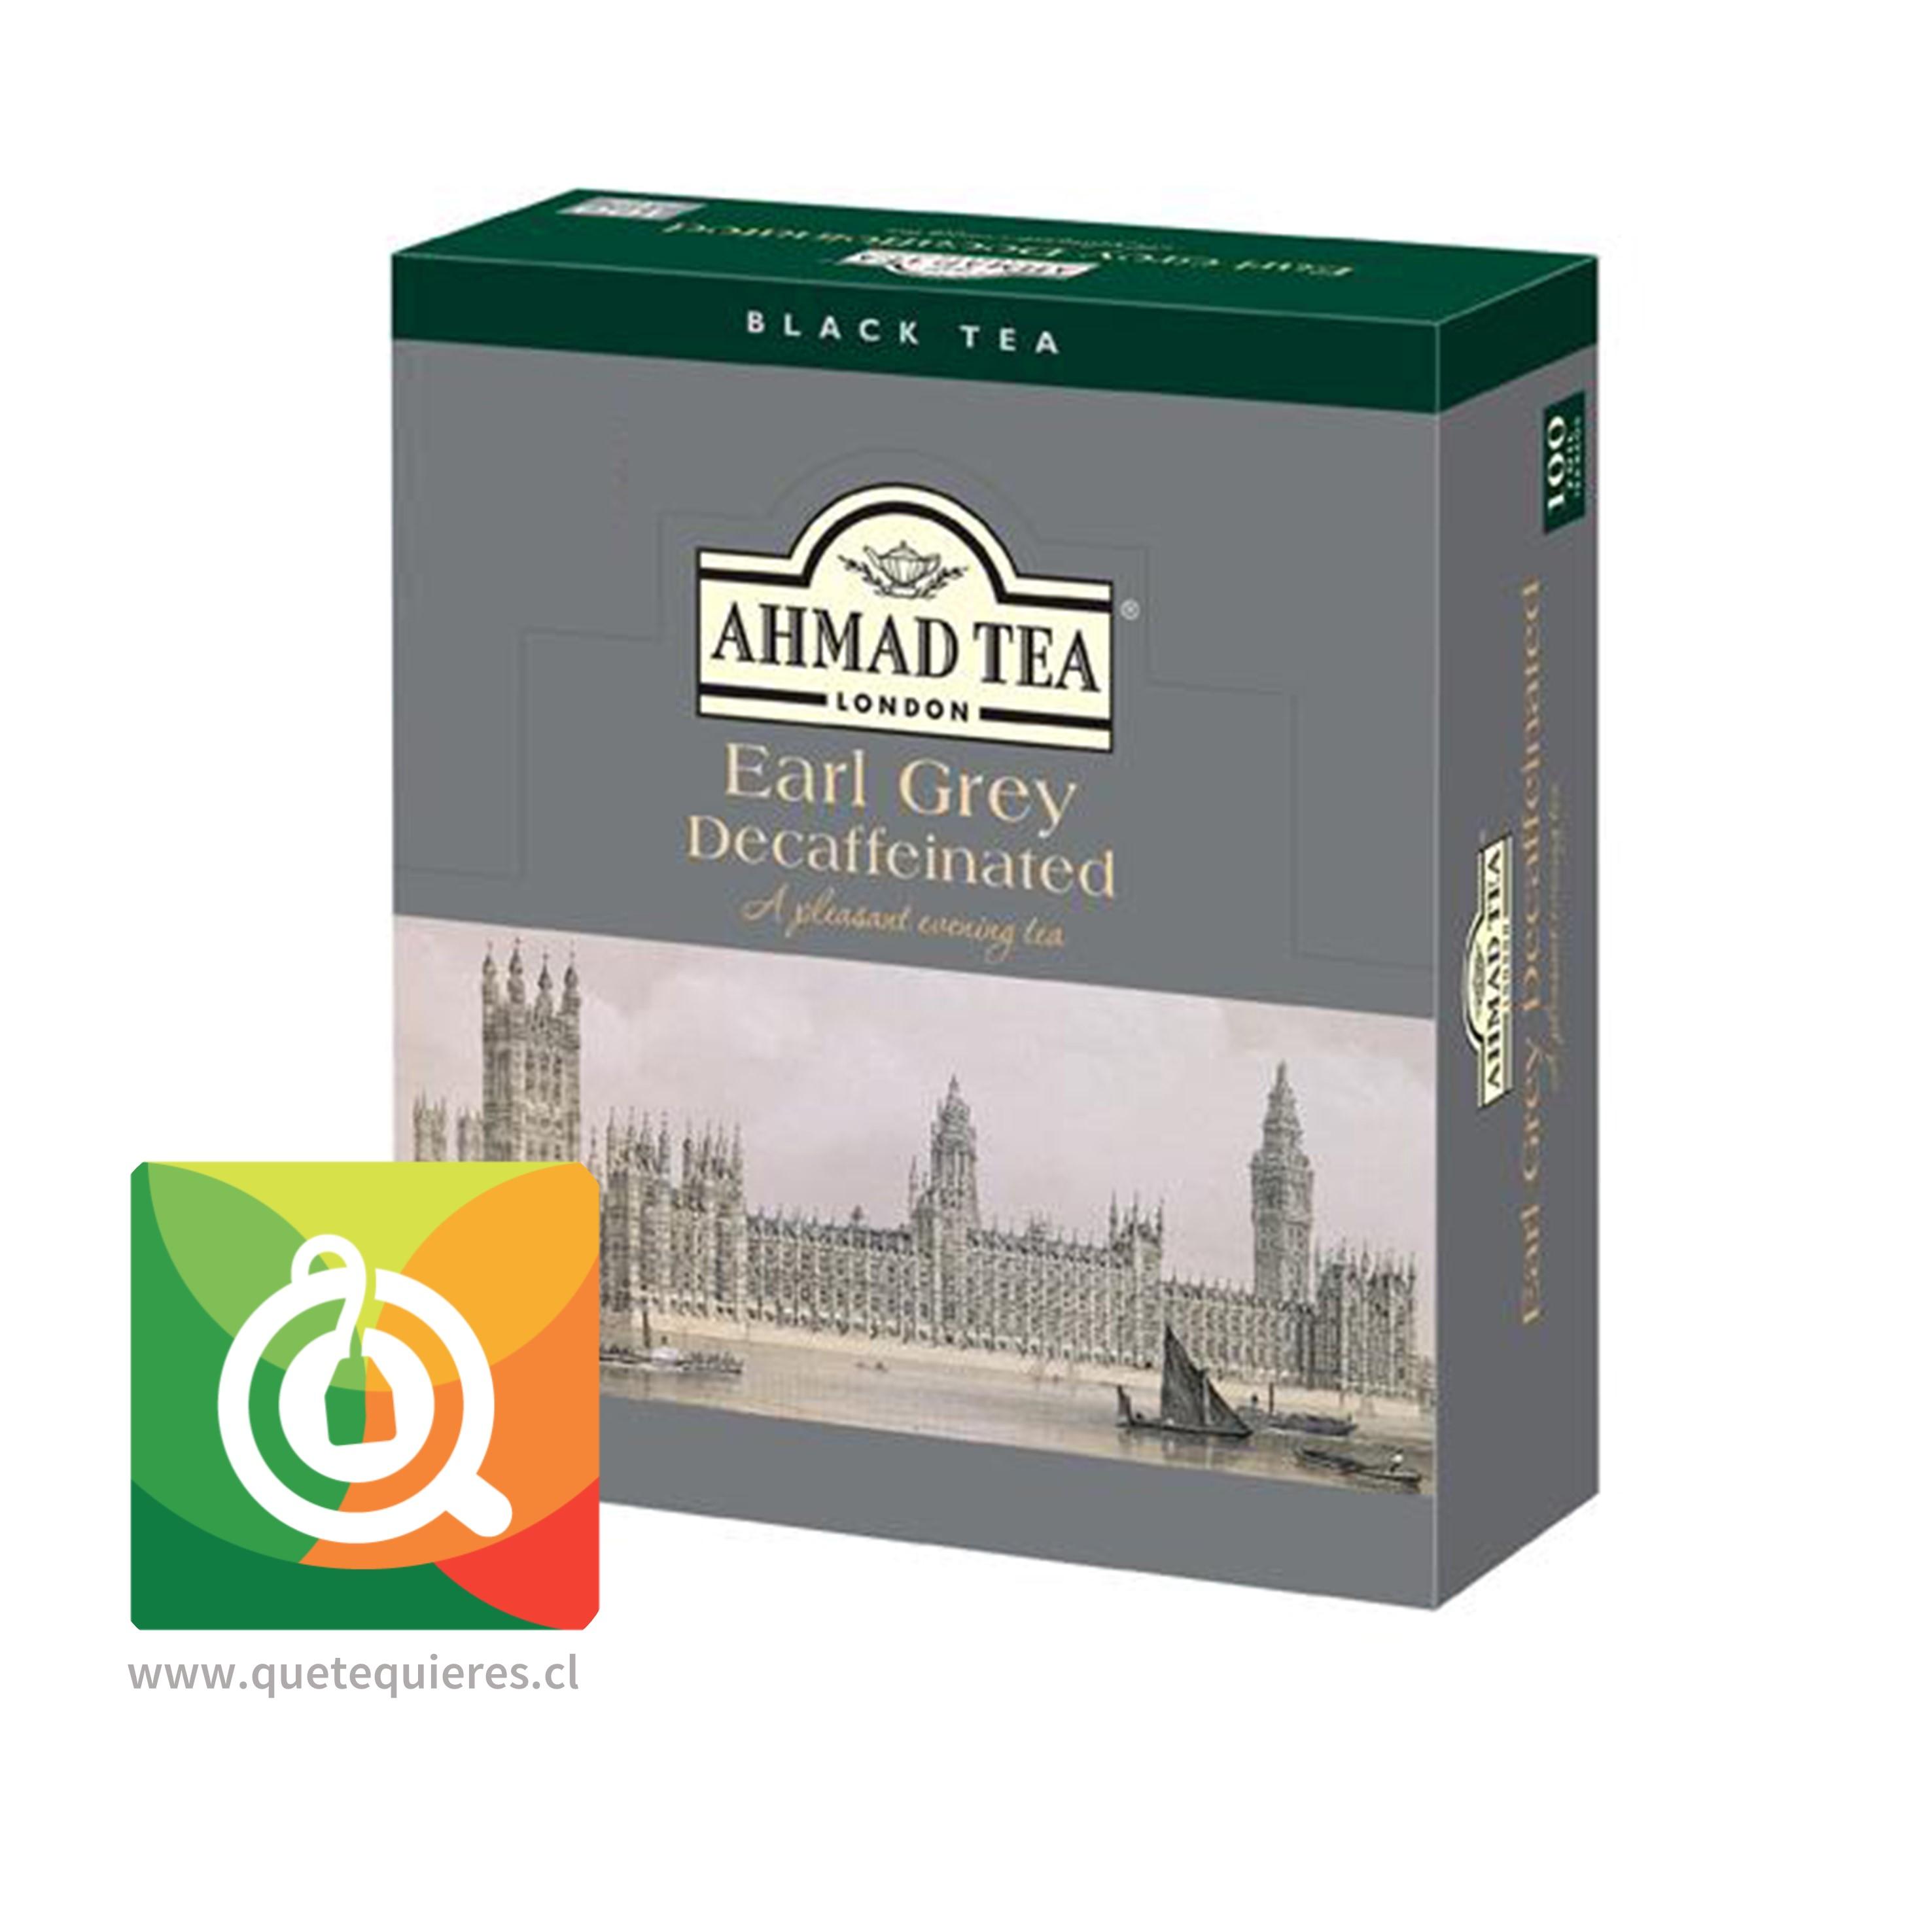 Ahmad Earl Grey Descaffeinated - té Negro Earl Grey Descafeinado